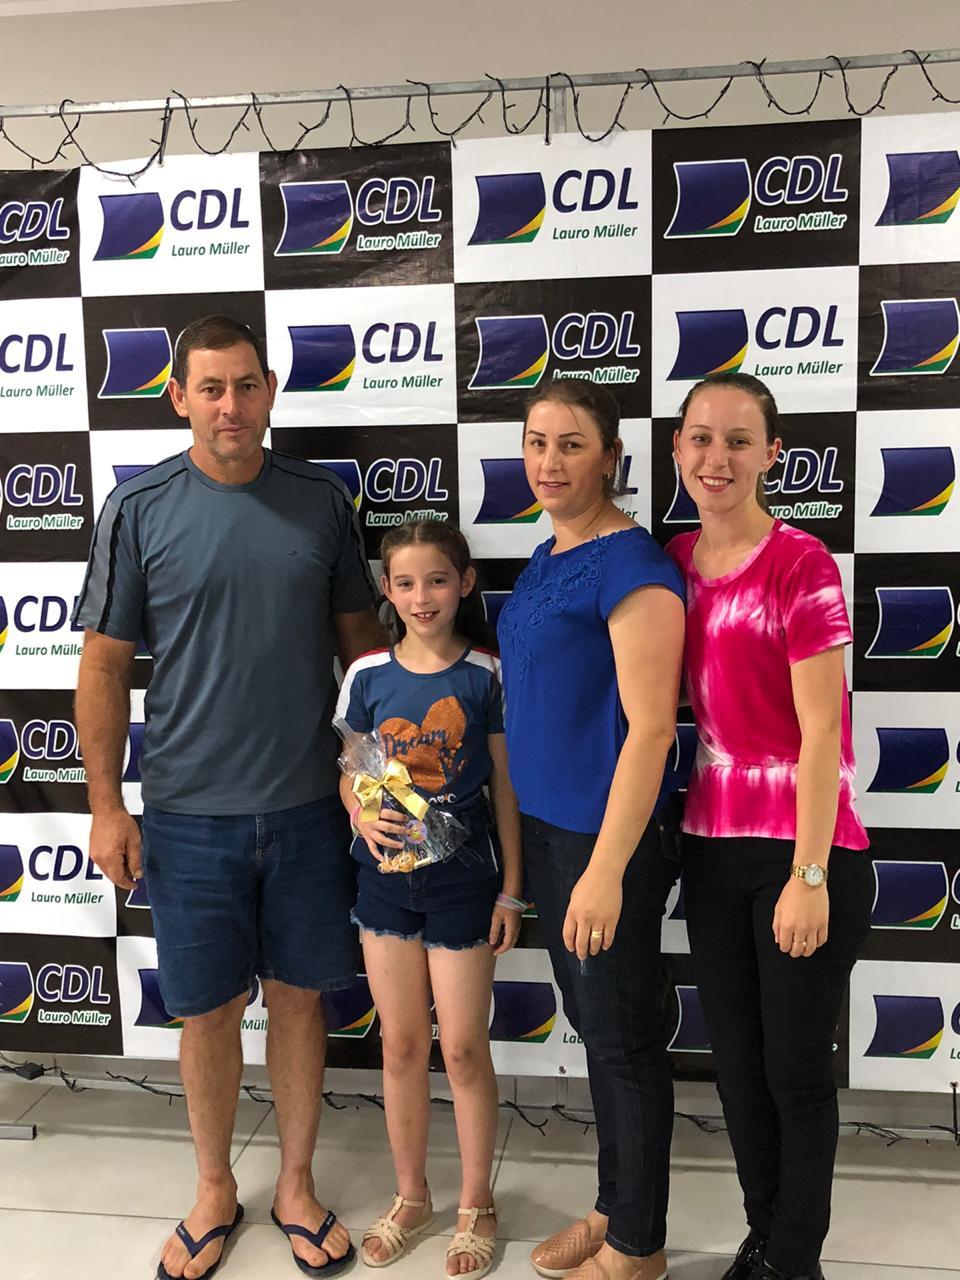 CDL premia ações de sensibilização ambiental em escolas municipais de Lauro Müller (4)